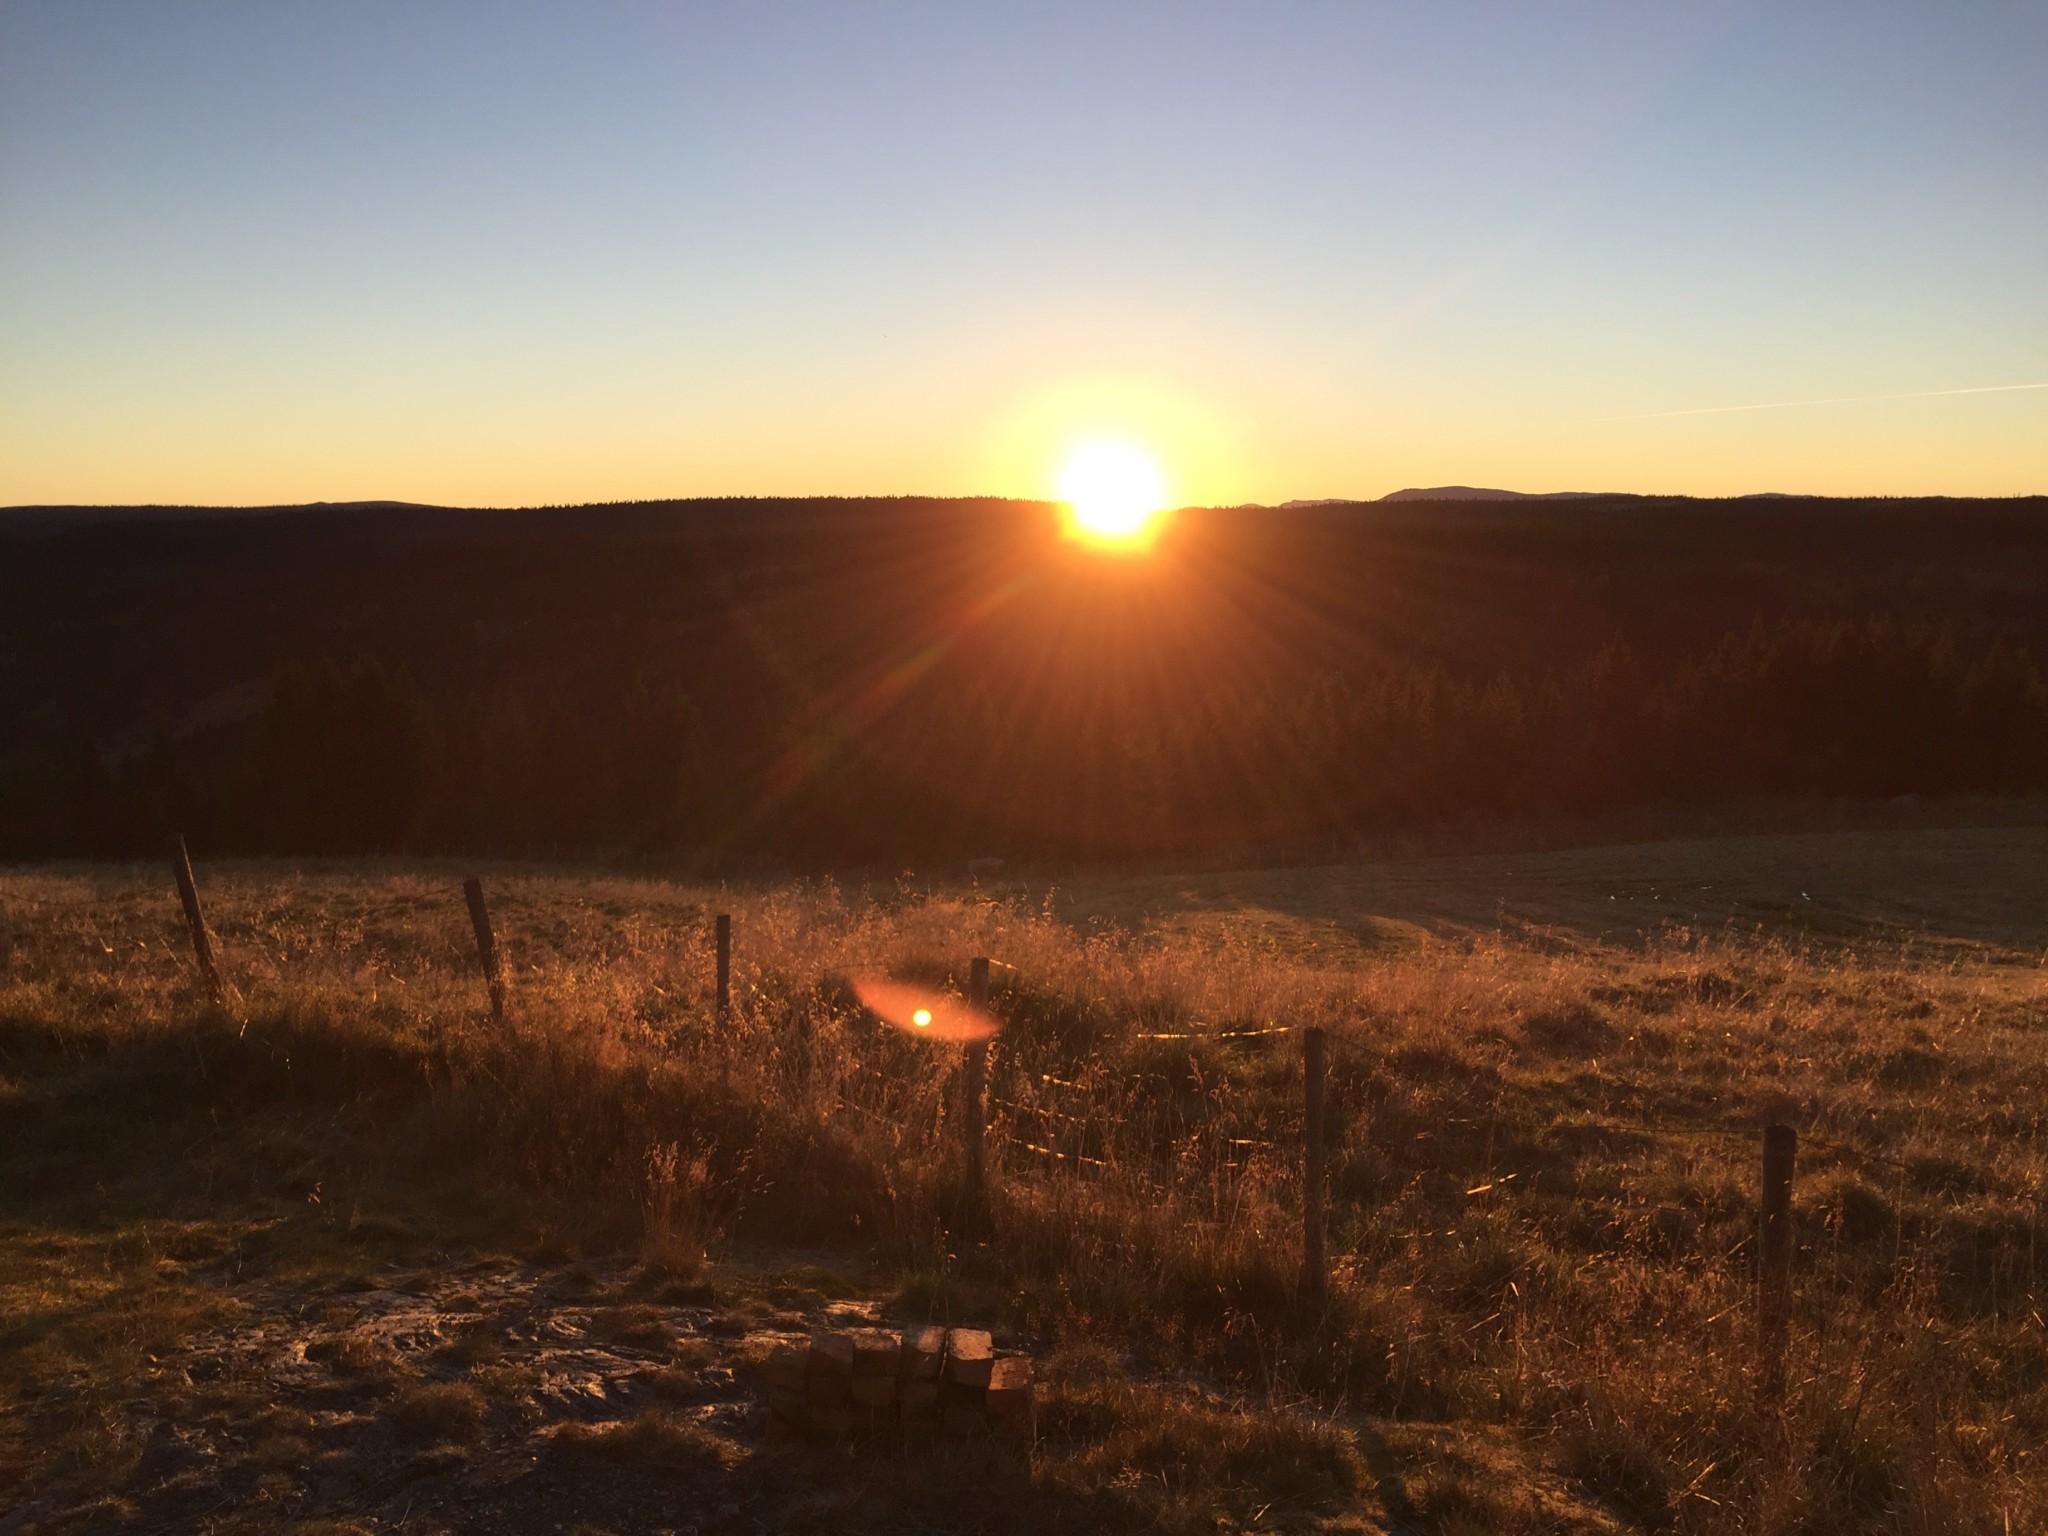 sunset-seter-gausdal-solstrom-nabostrom-green-house